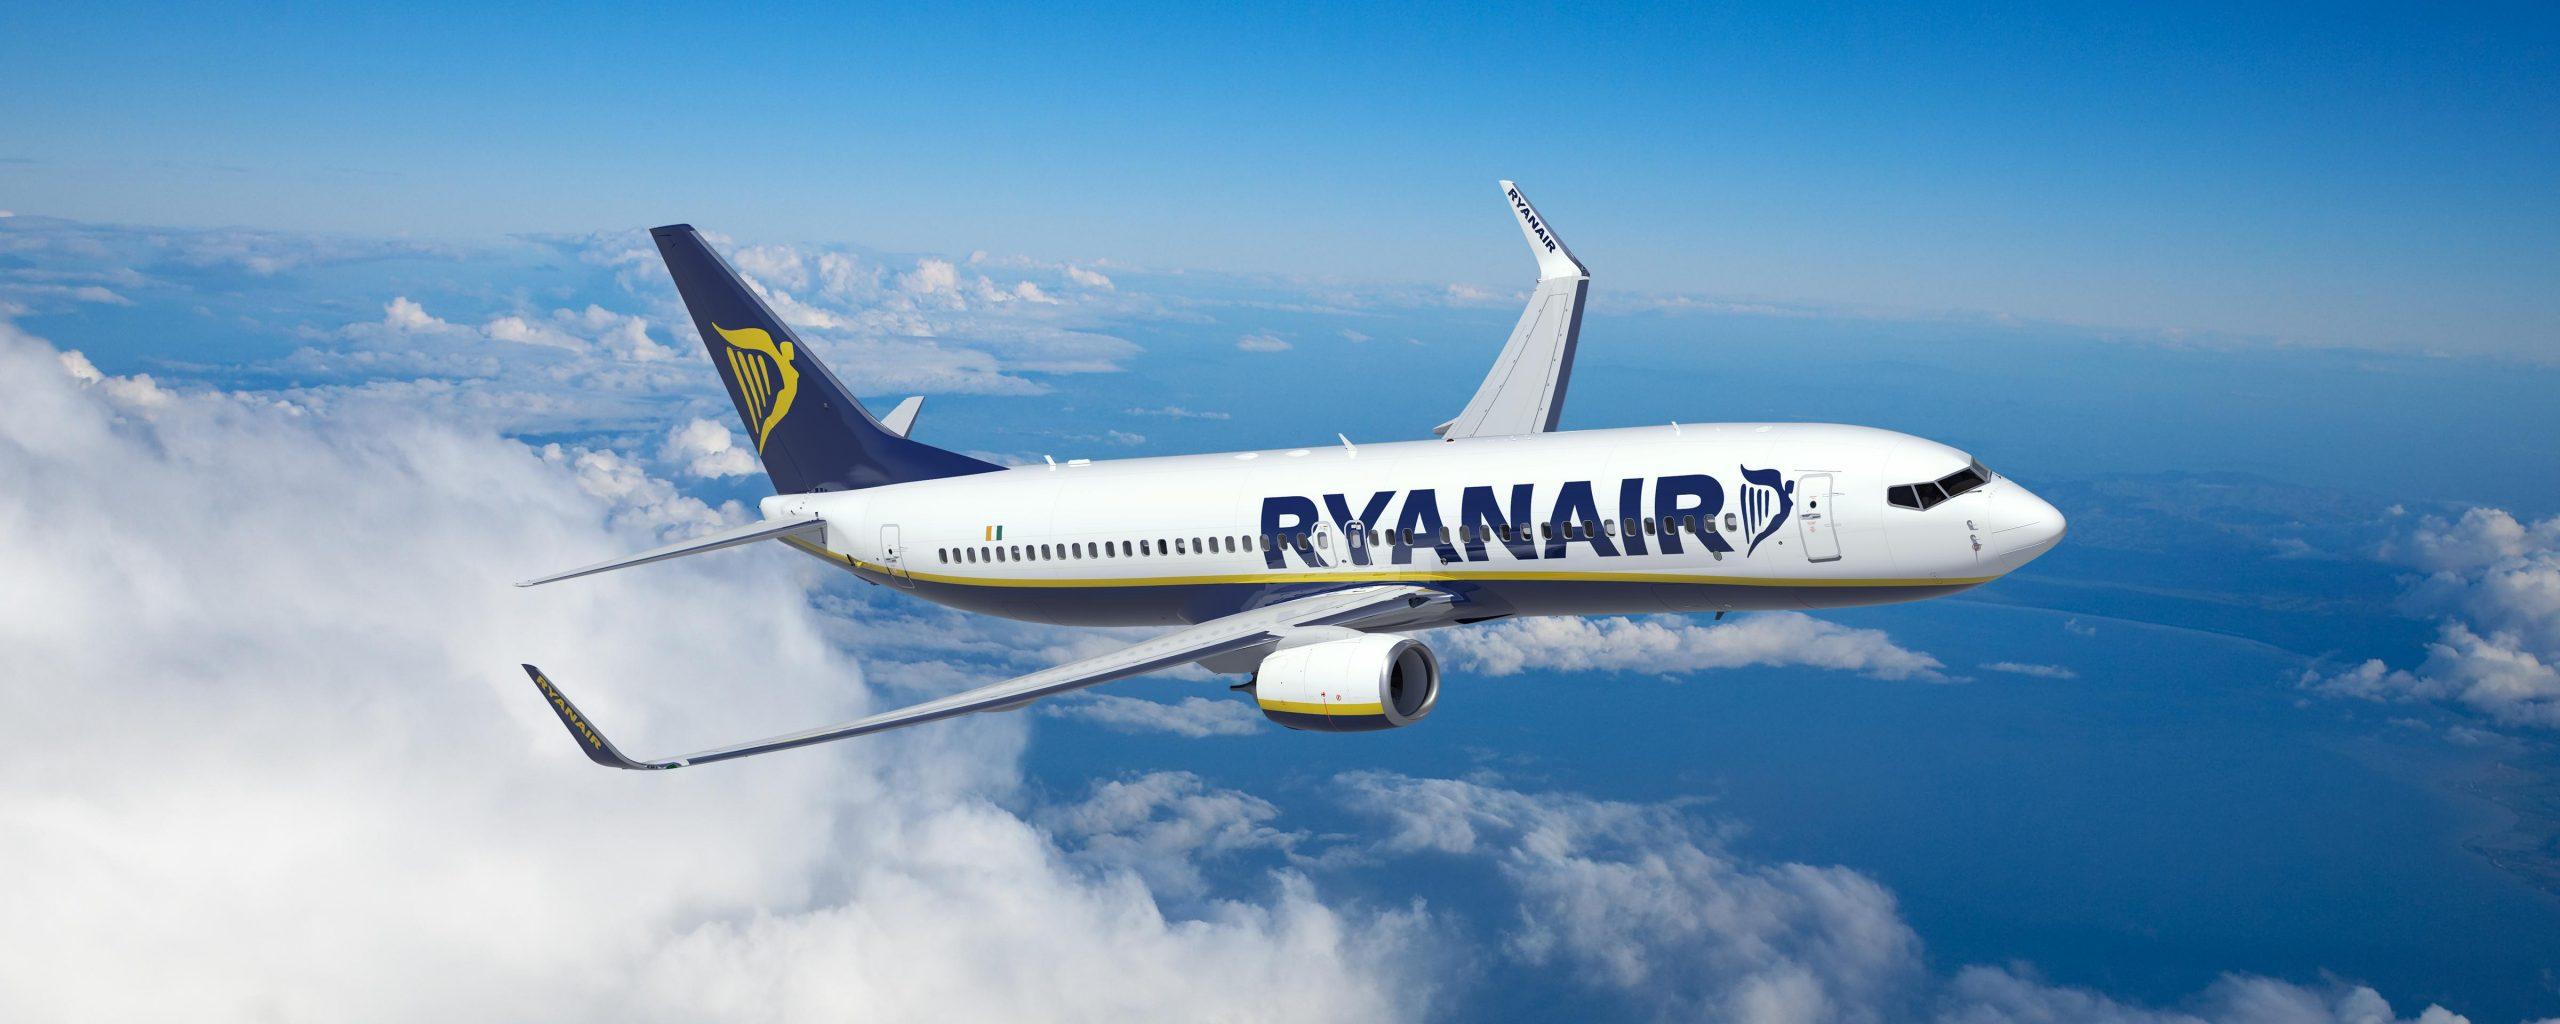 Το καλοκαίρι πετάμε απευθείας με την Ryanair, σε 34 προορισμούς